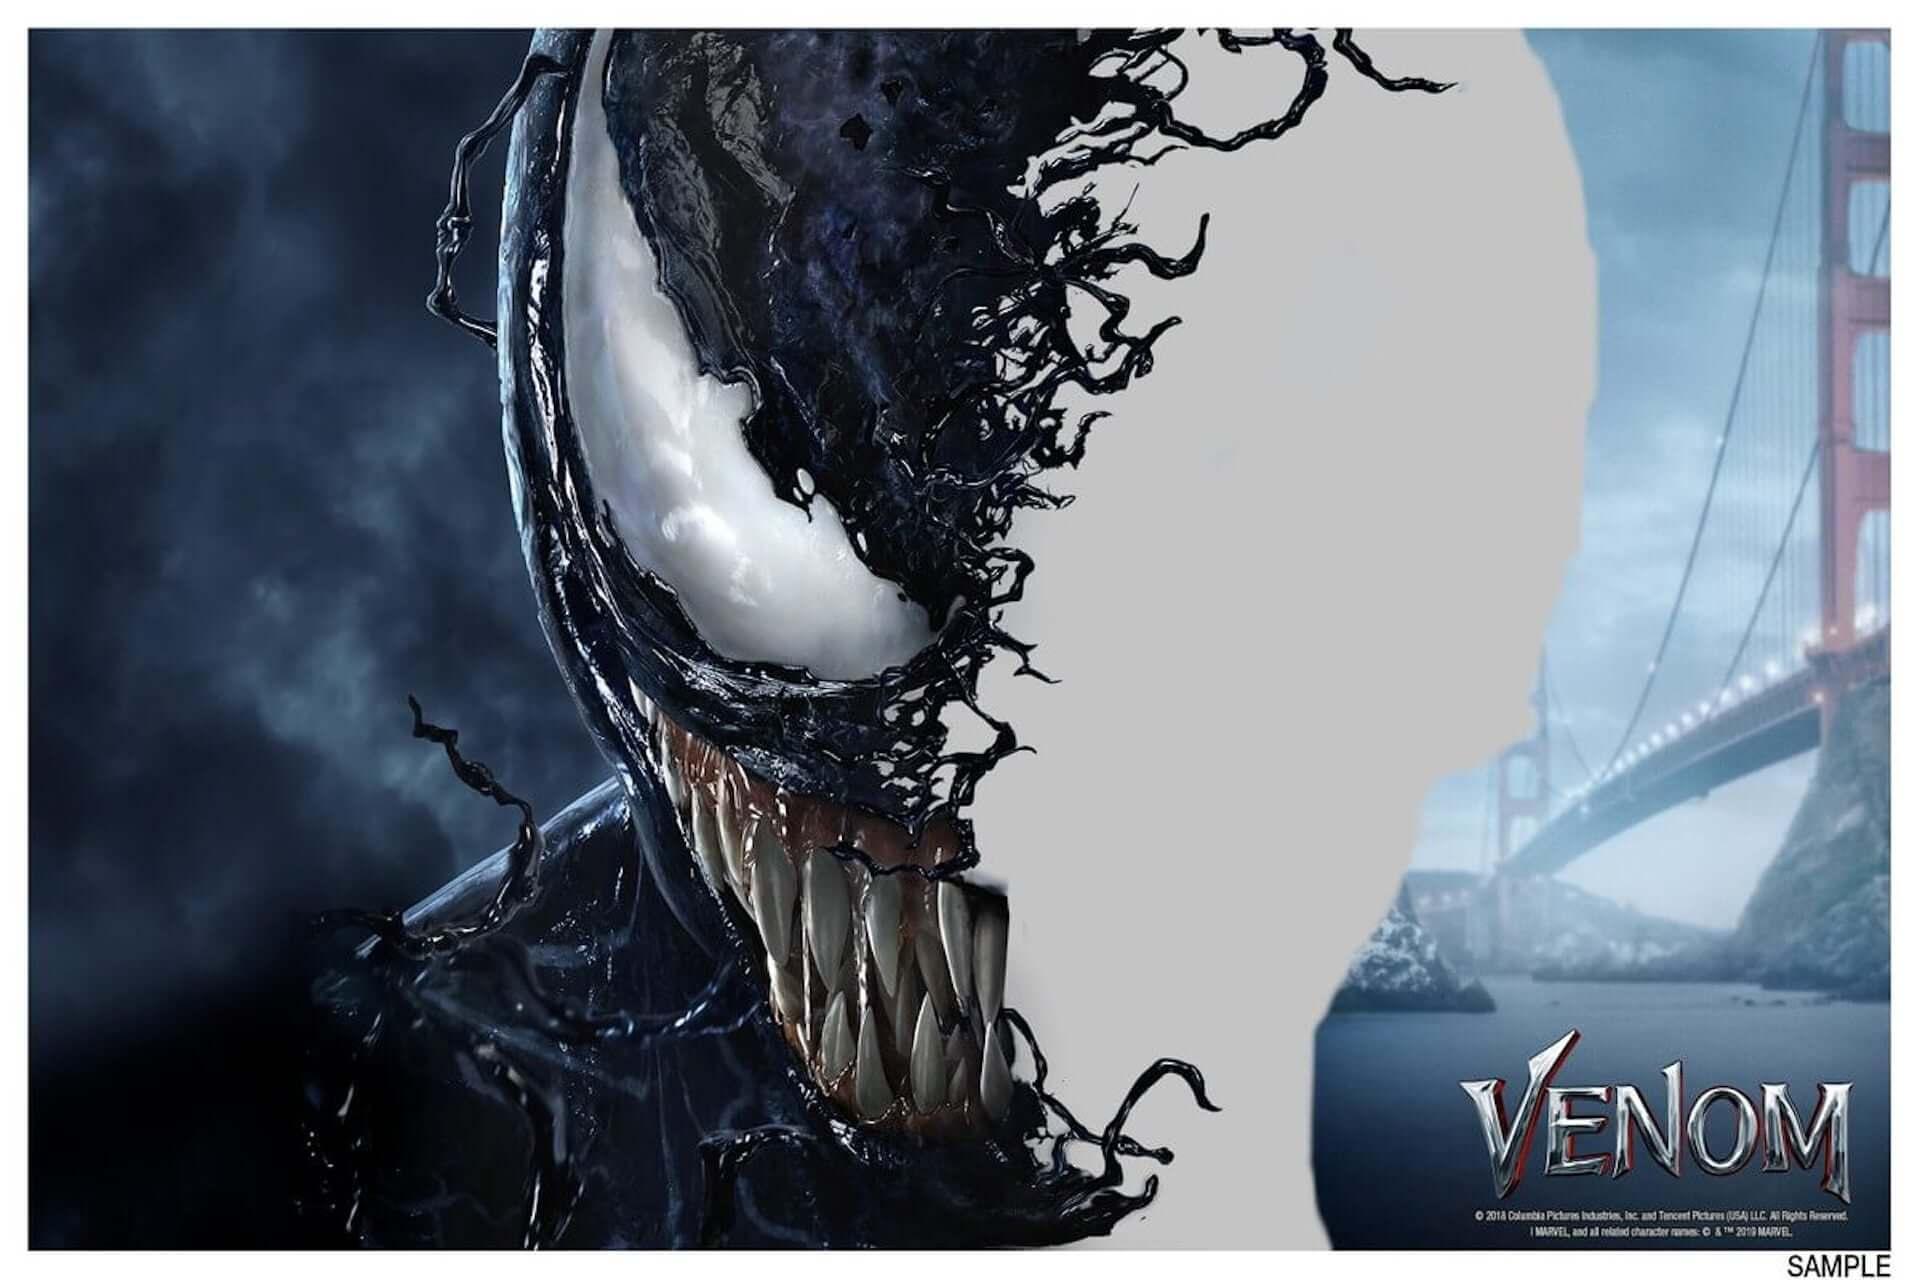 あの名場面が蘇る!?『スパイダーマン』『ヴェノム』の世界に入り込んで撮影できるフォトブースが東京コミコンに登場 film191118_sonycomicon1-1920x1280